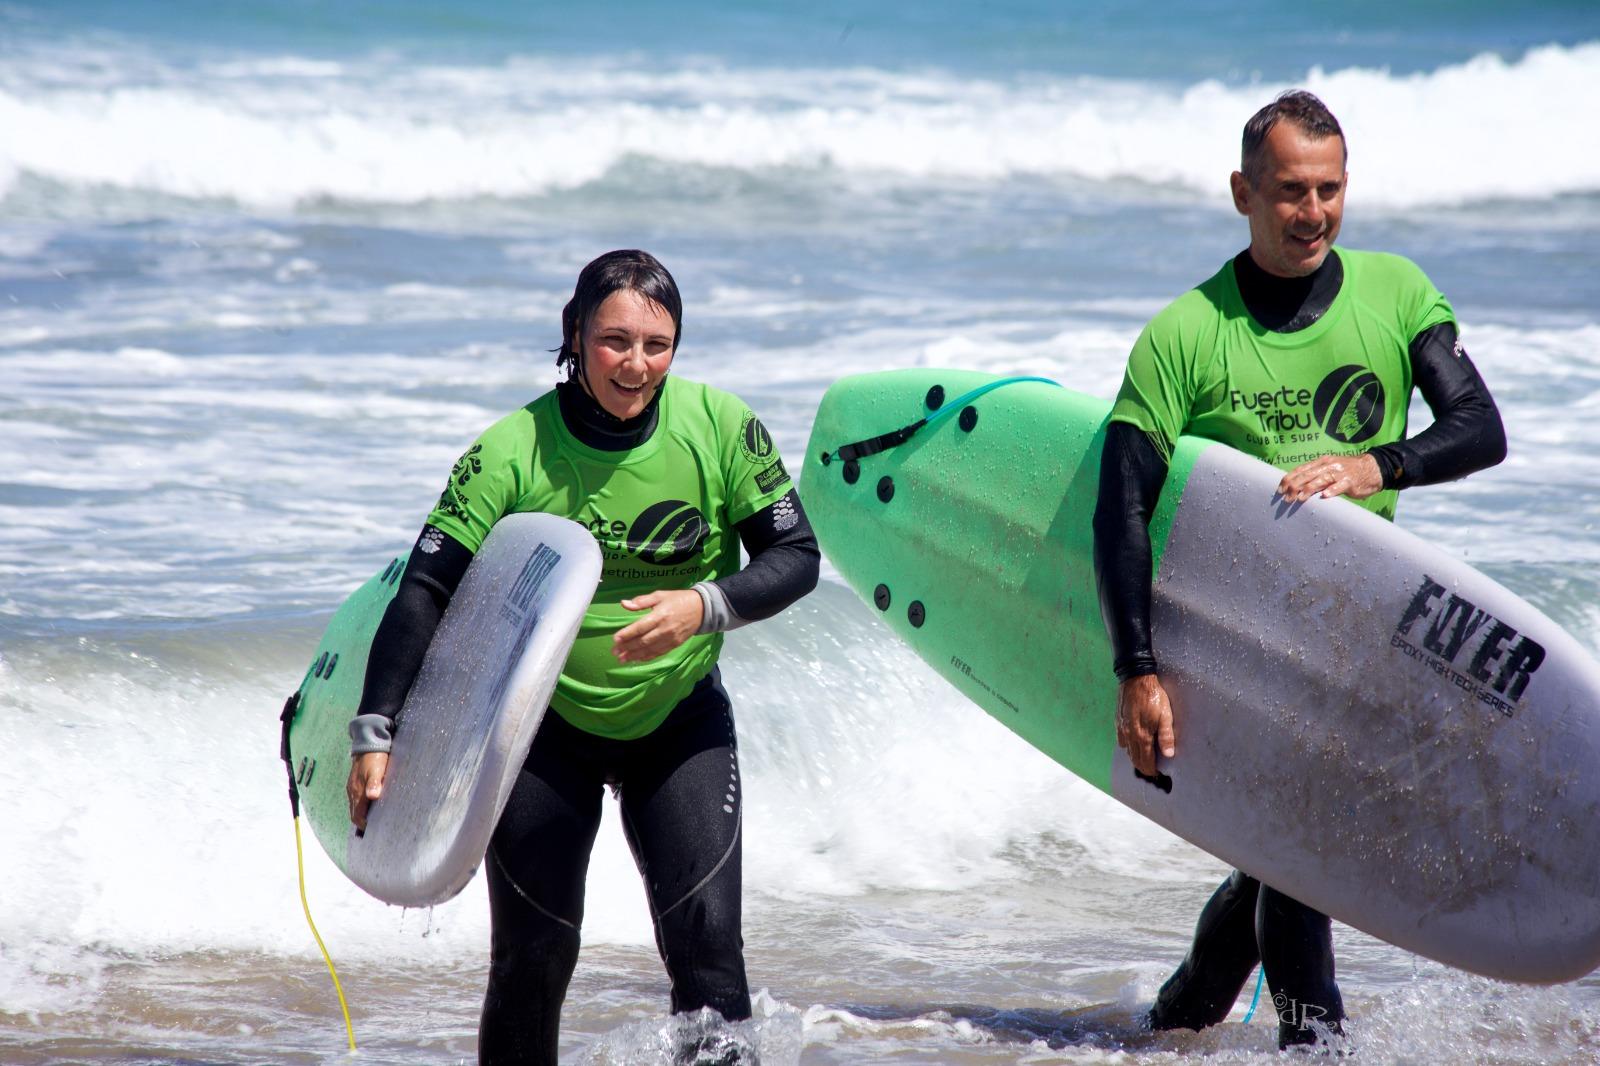 FUERTE TRIBU FUERTEVENTURA SURFWhatsApp Image 2019-08-25 at 17.06.55(14).jpeg